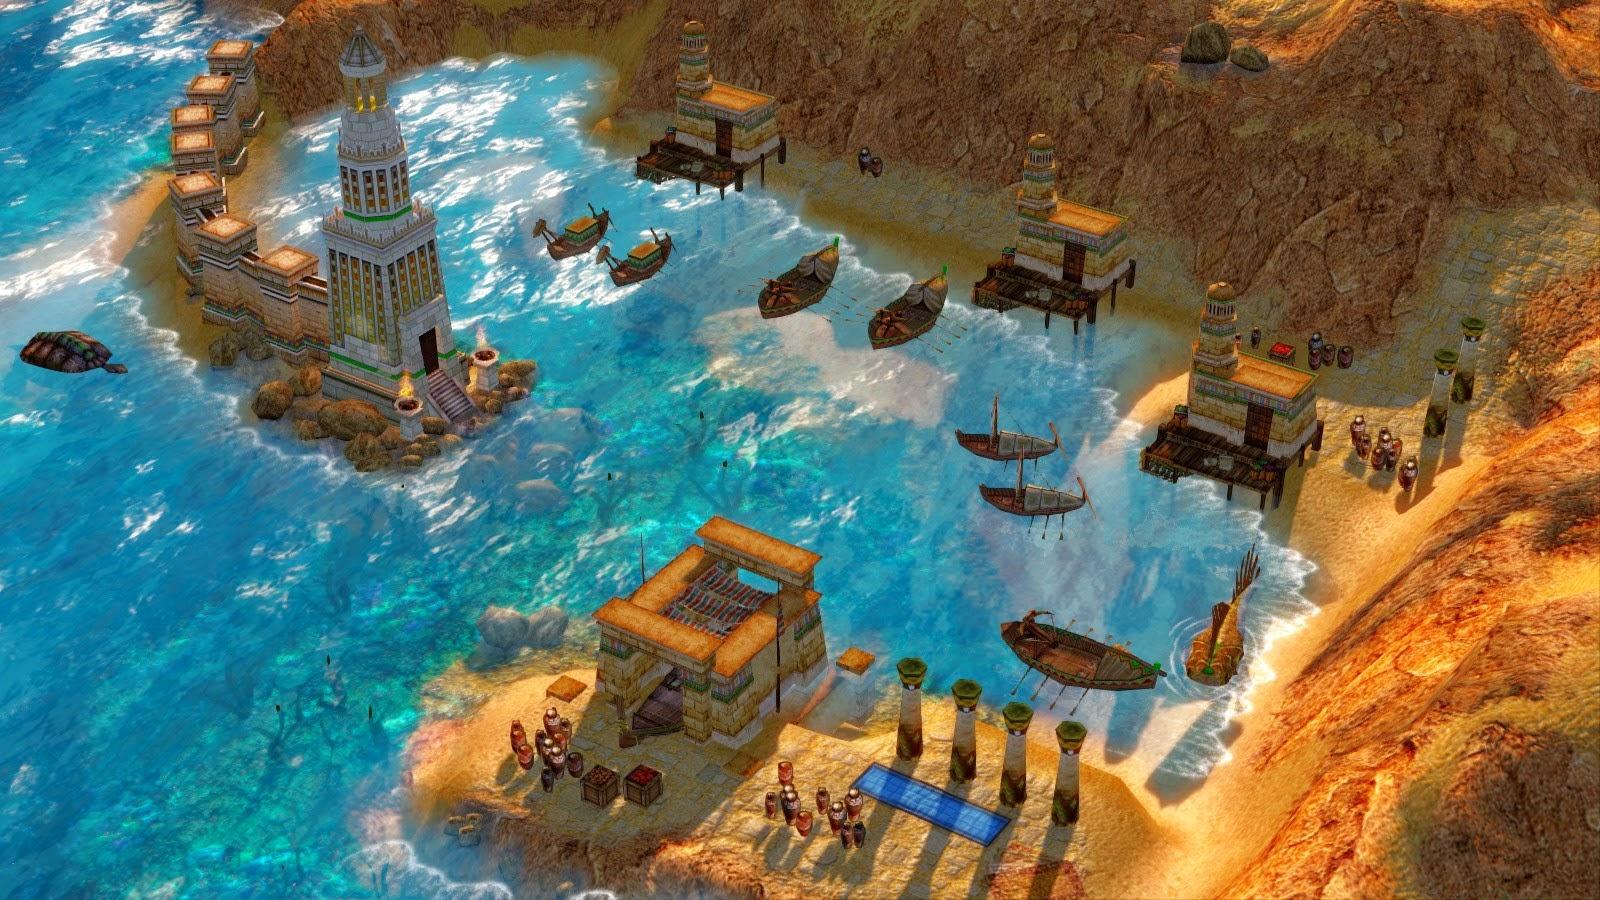 Game PC Full Version Age of Mythology